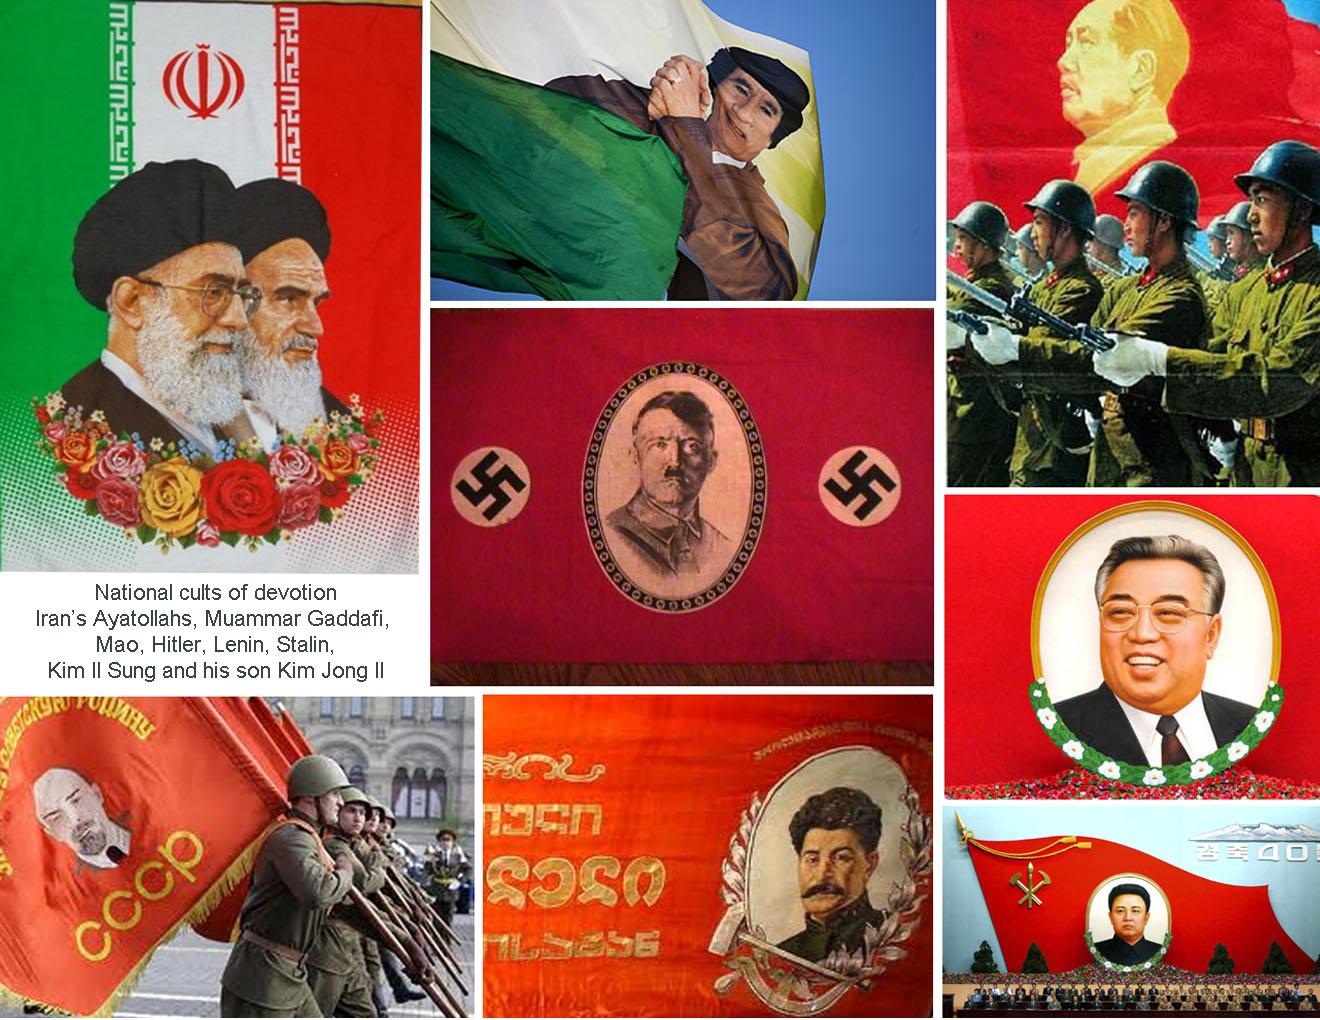 Культ личности как признак авторитарного режима